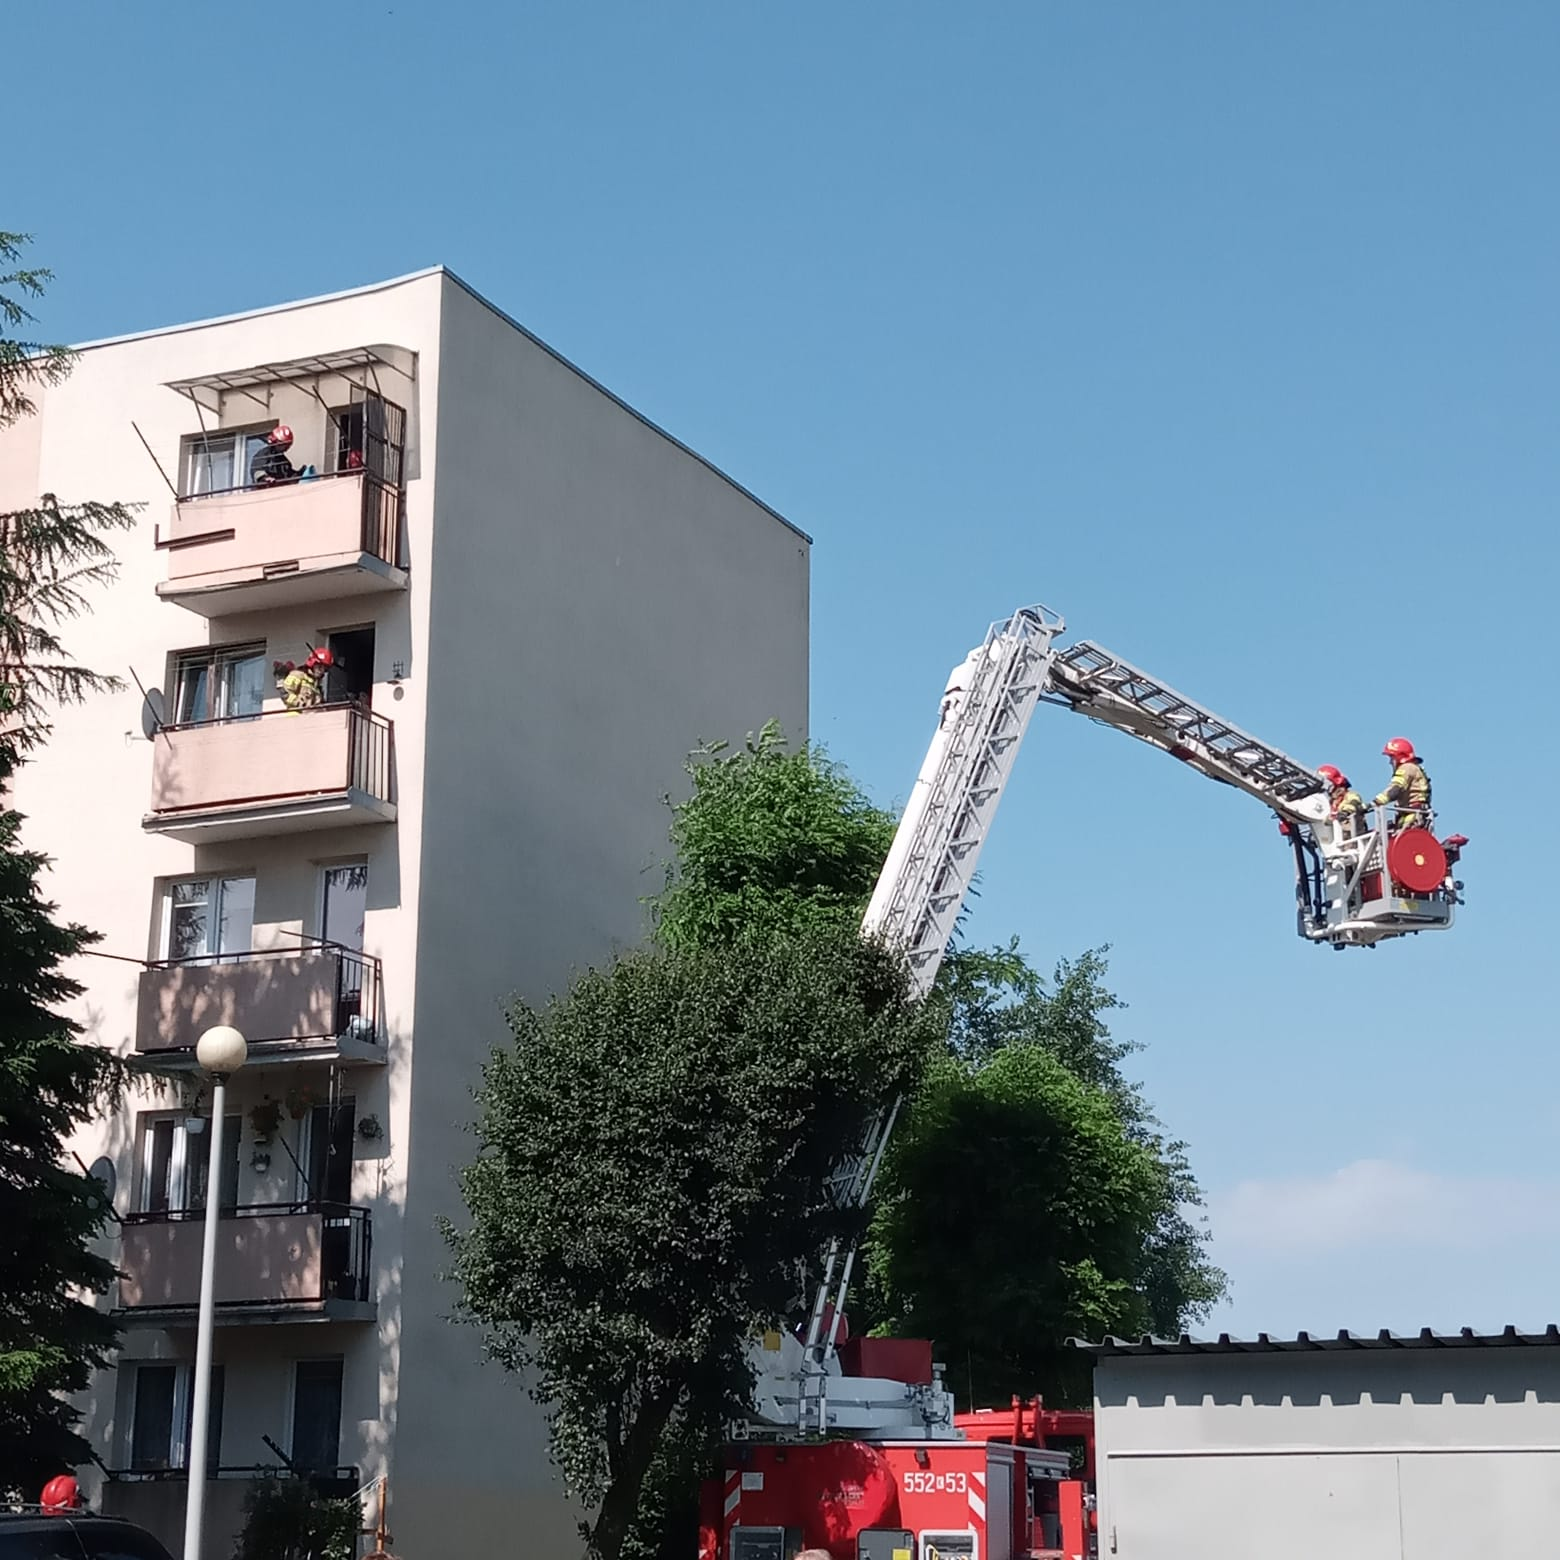 Niebezpieczeństwo nad głowami, interweniowali strażacy